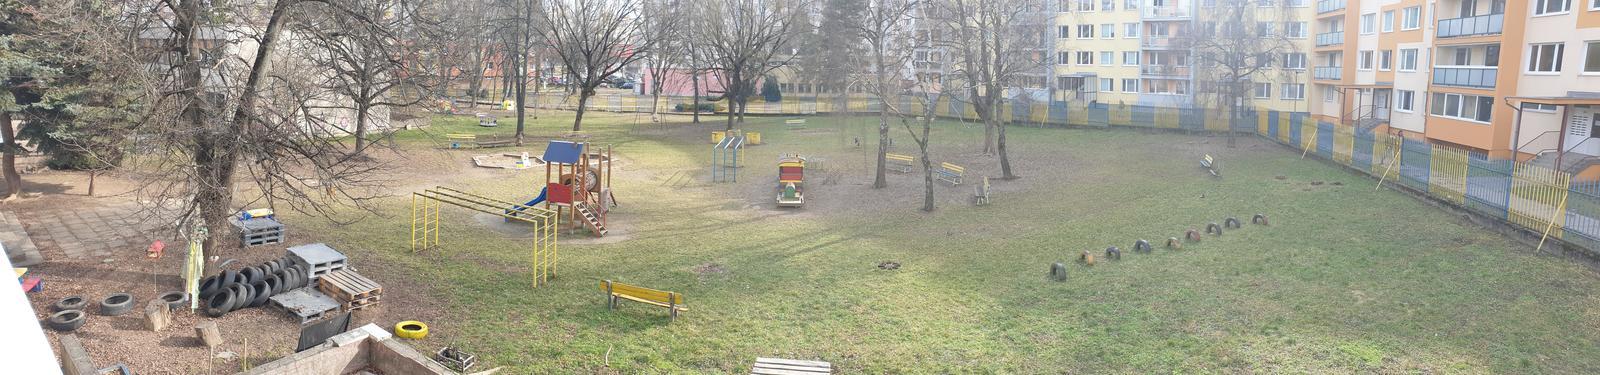 Košice - MŠ Šafárikova... - Obrázok č. 1